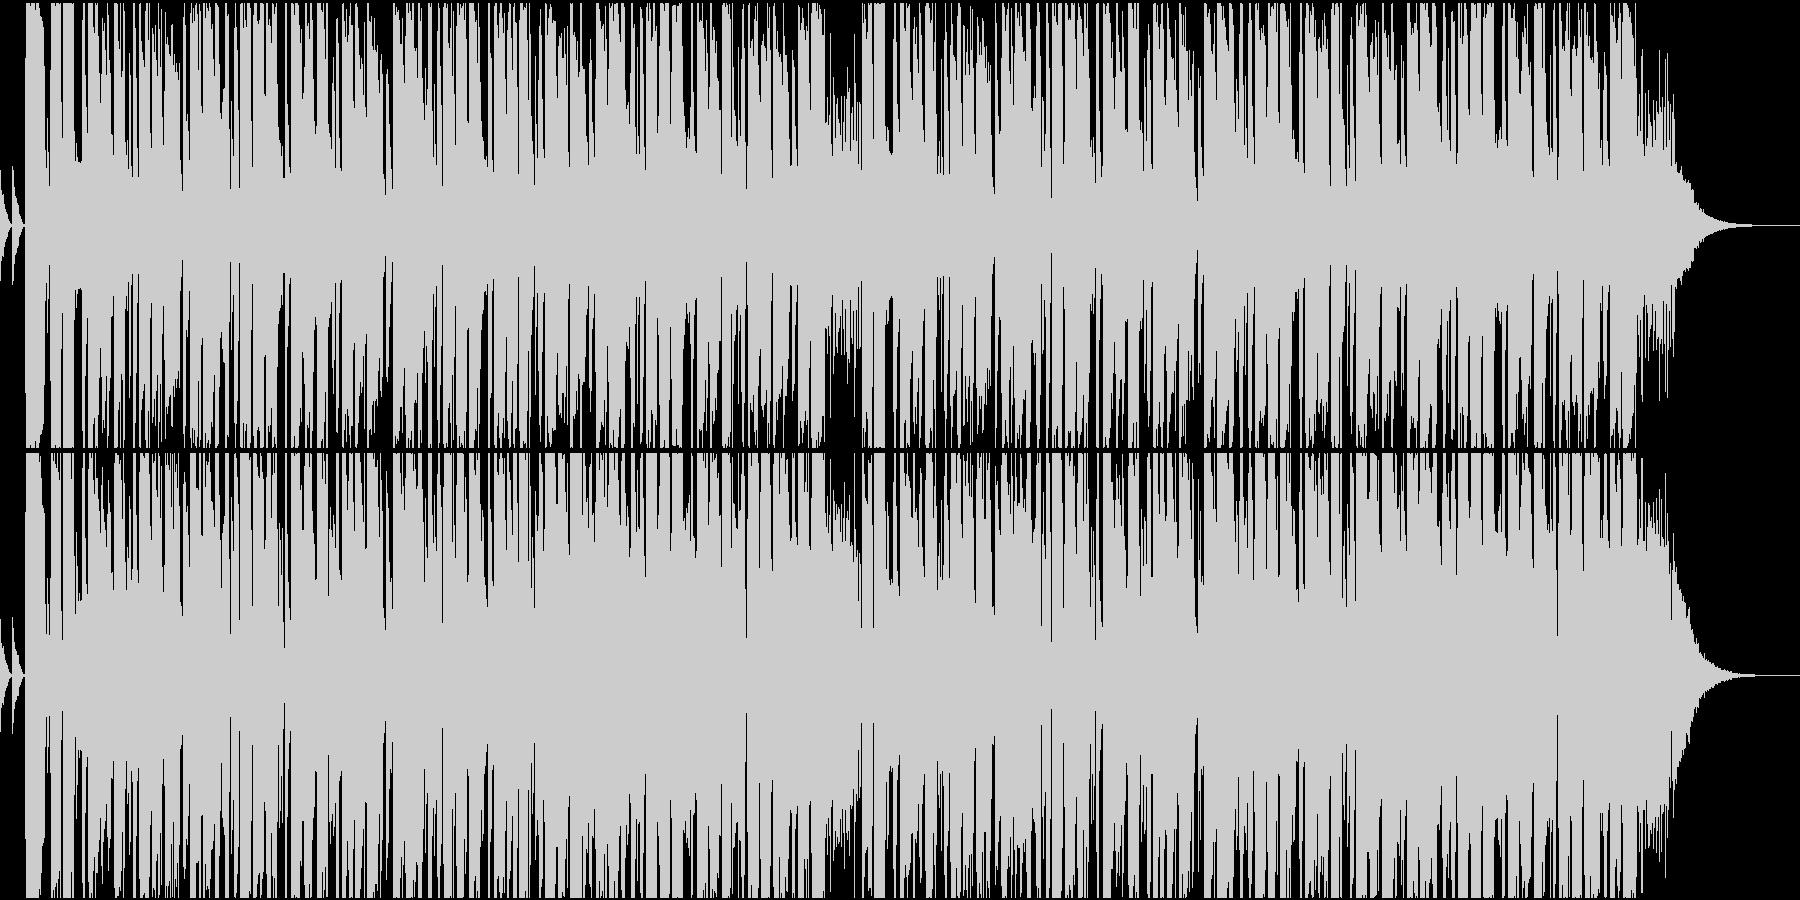 ファンキーですこし切ないロック調のBGMの未再生の波形